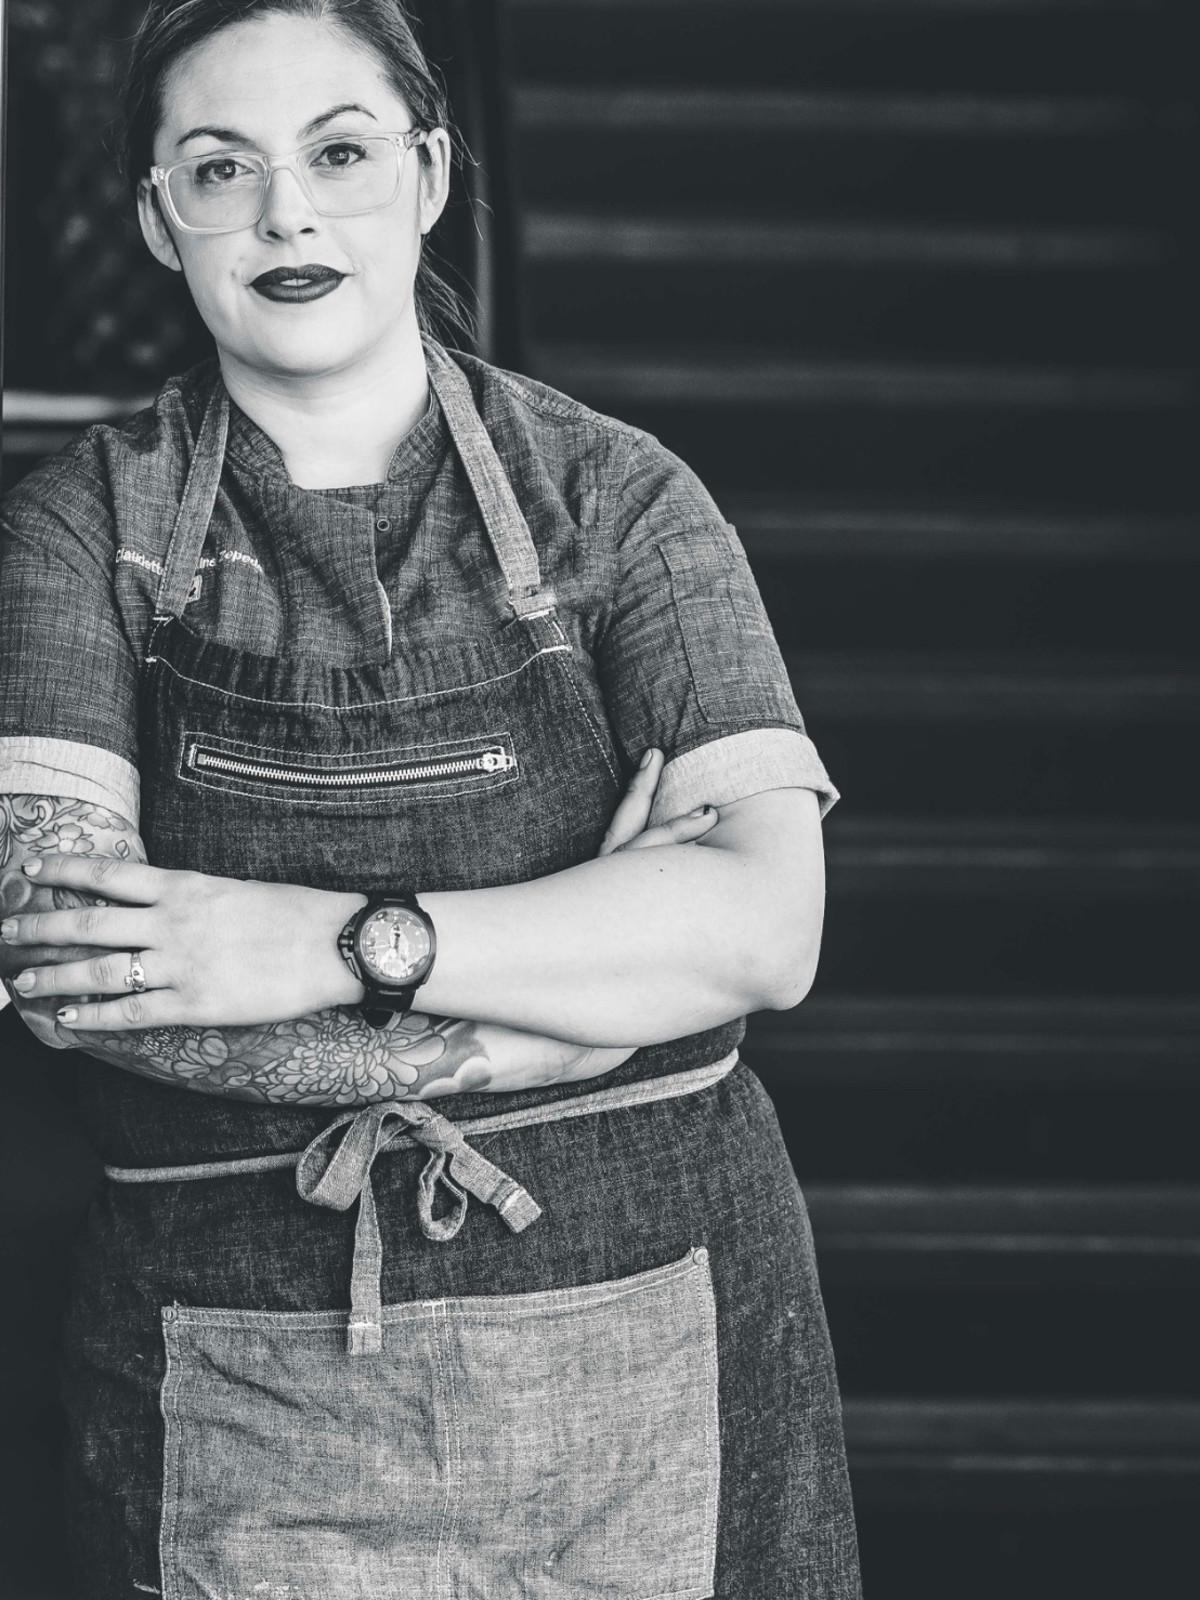 Claudette Zepeda-Wilkins